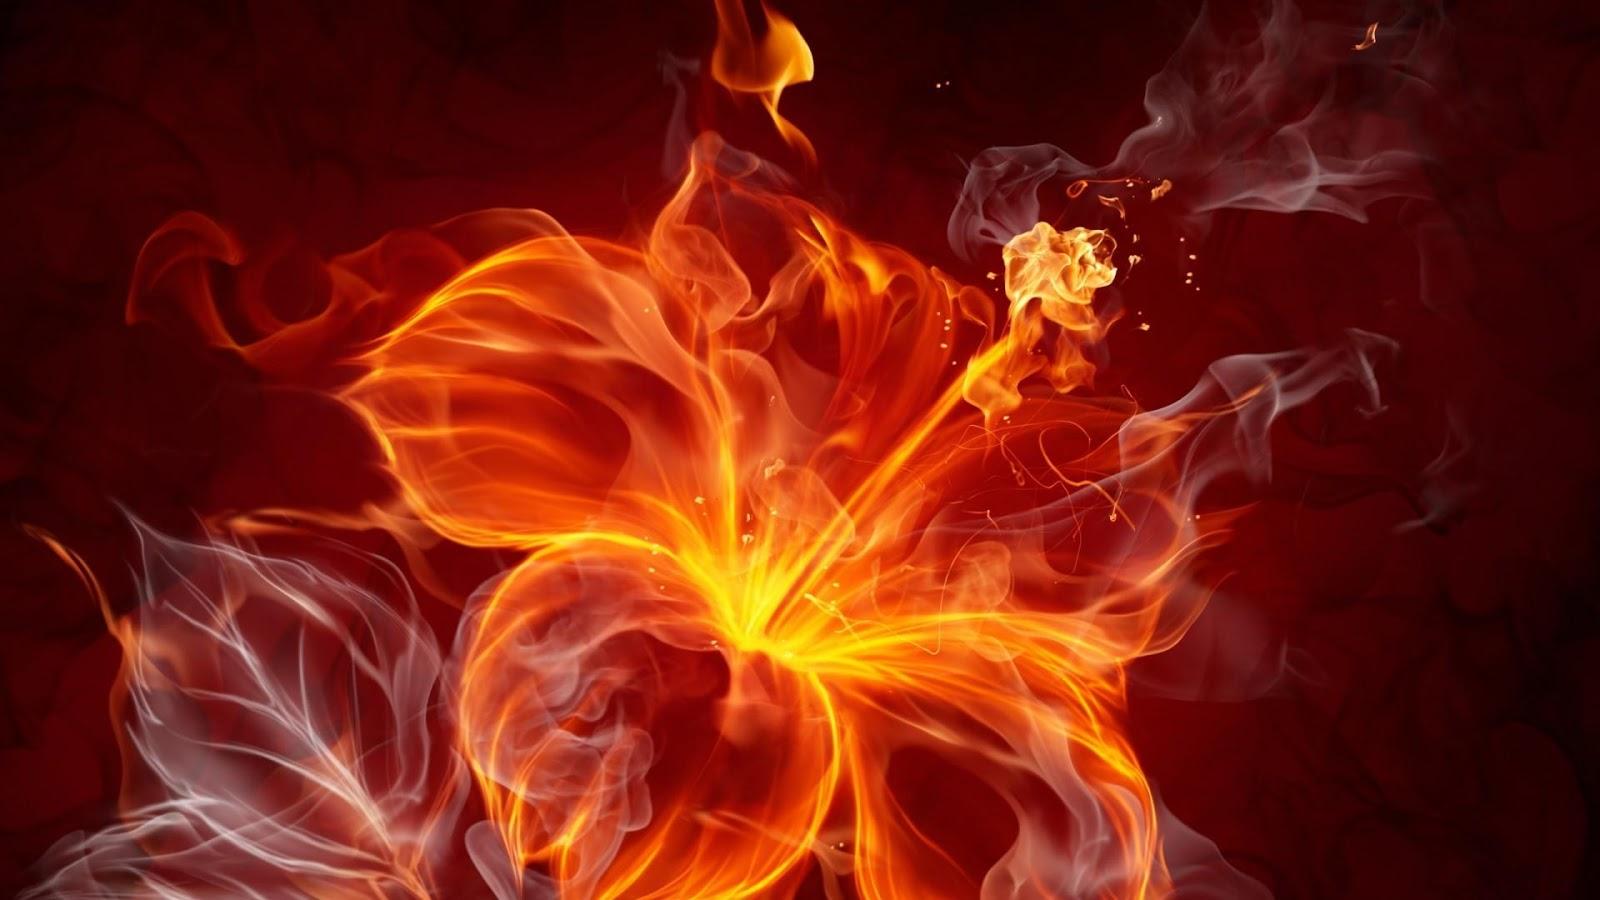 Cool Fire Wallpapers HD Screenshot